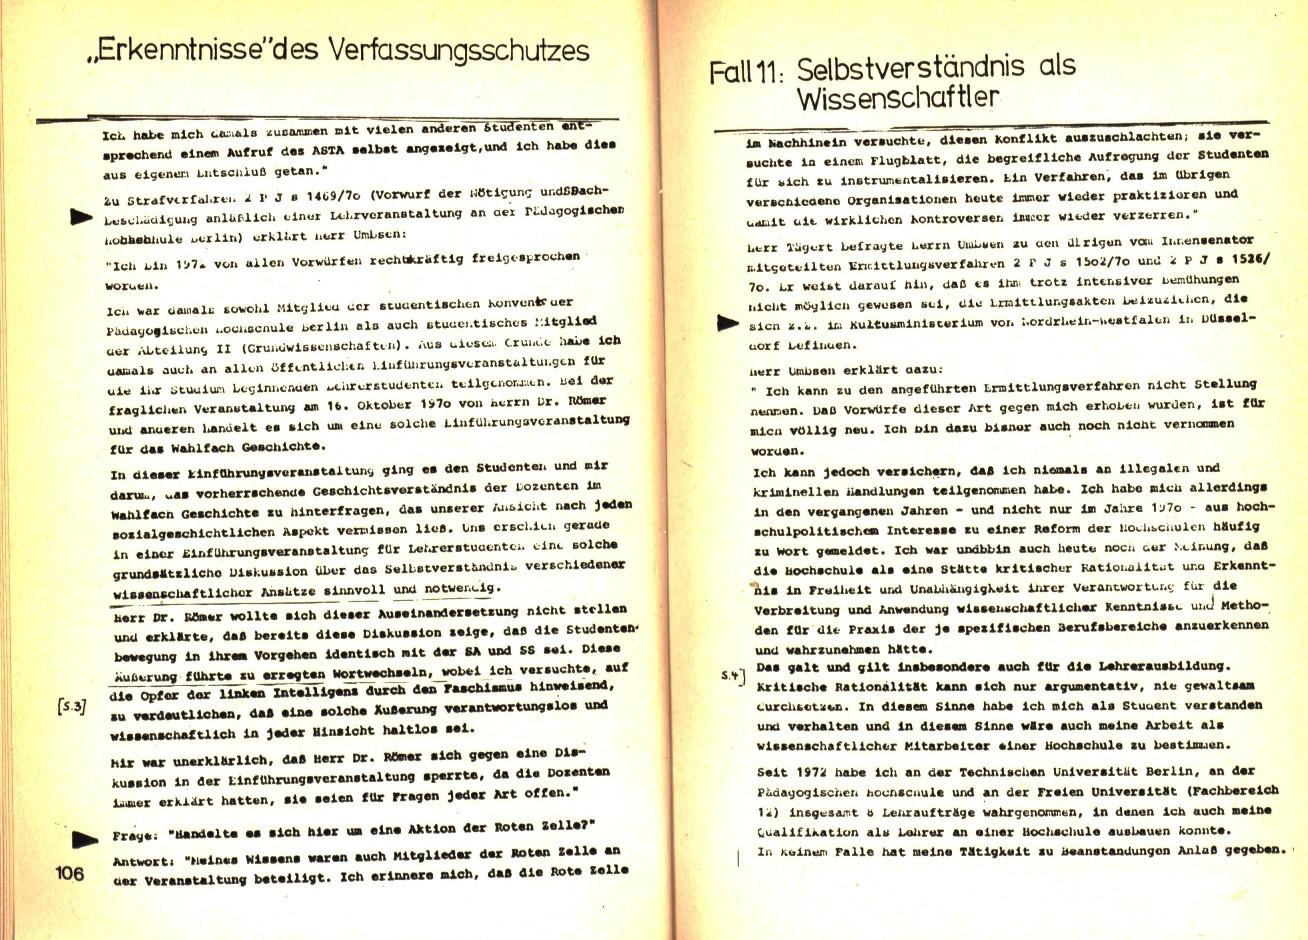 Berlin_VDS_Aktionskomitee_1976_BerufsverboteIII_55